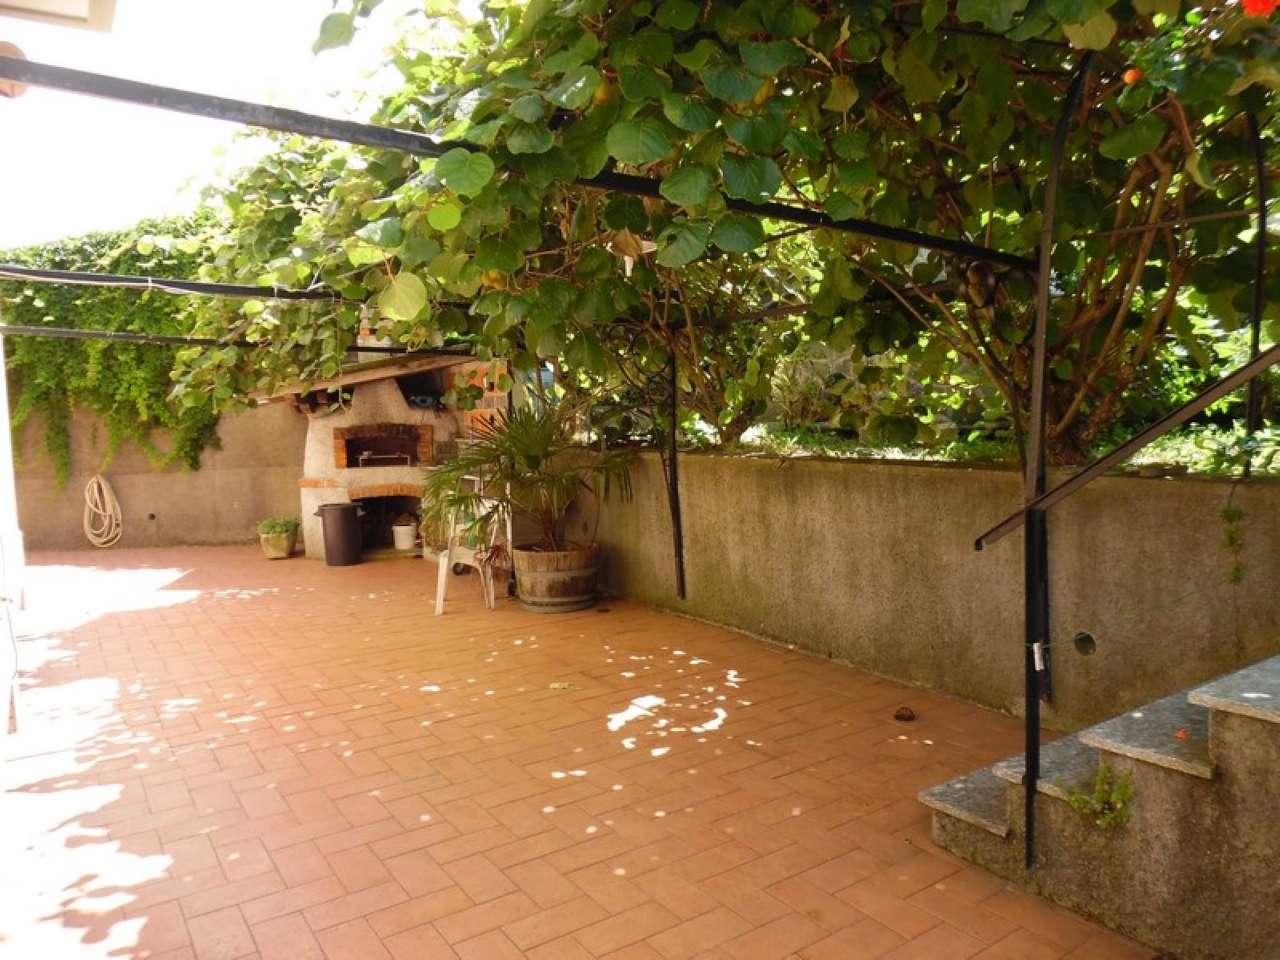 Torrazza - 5 vani perfetti con grandissimo giardino, posto auto e cantina